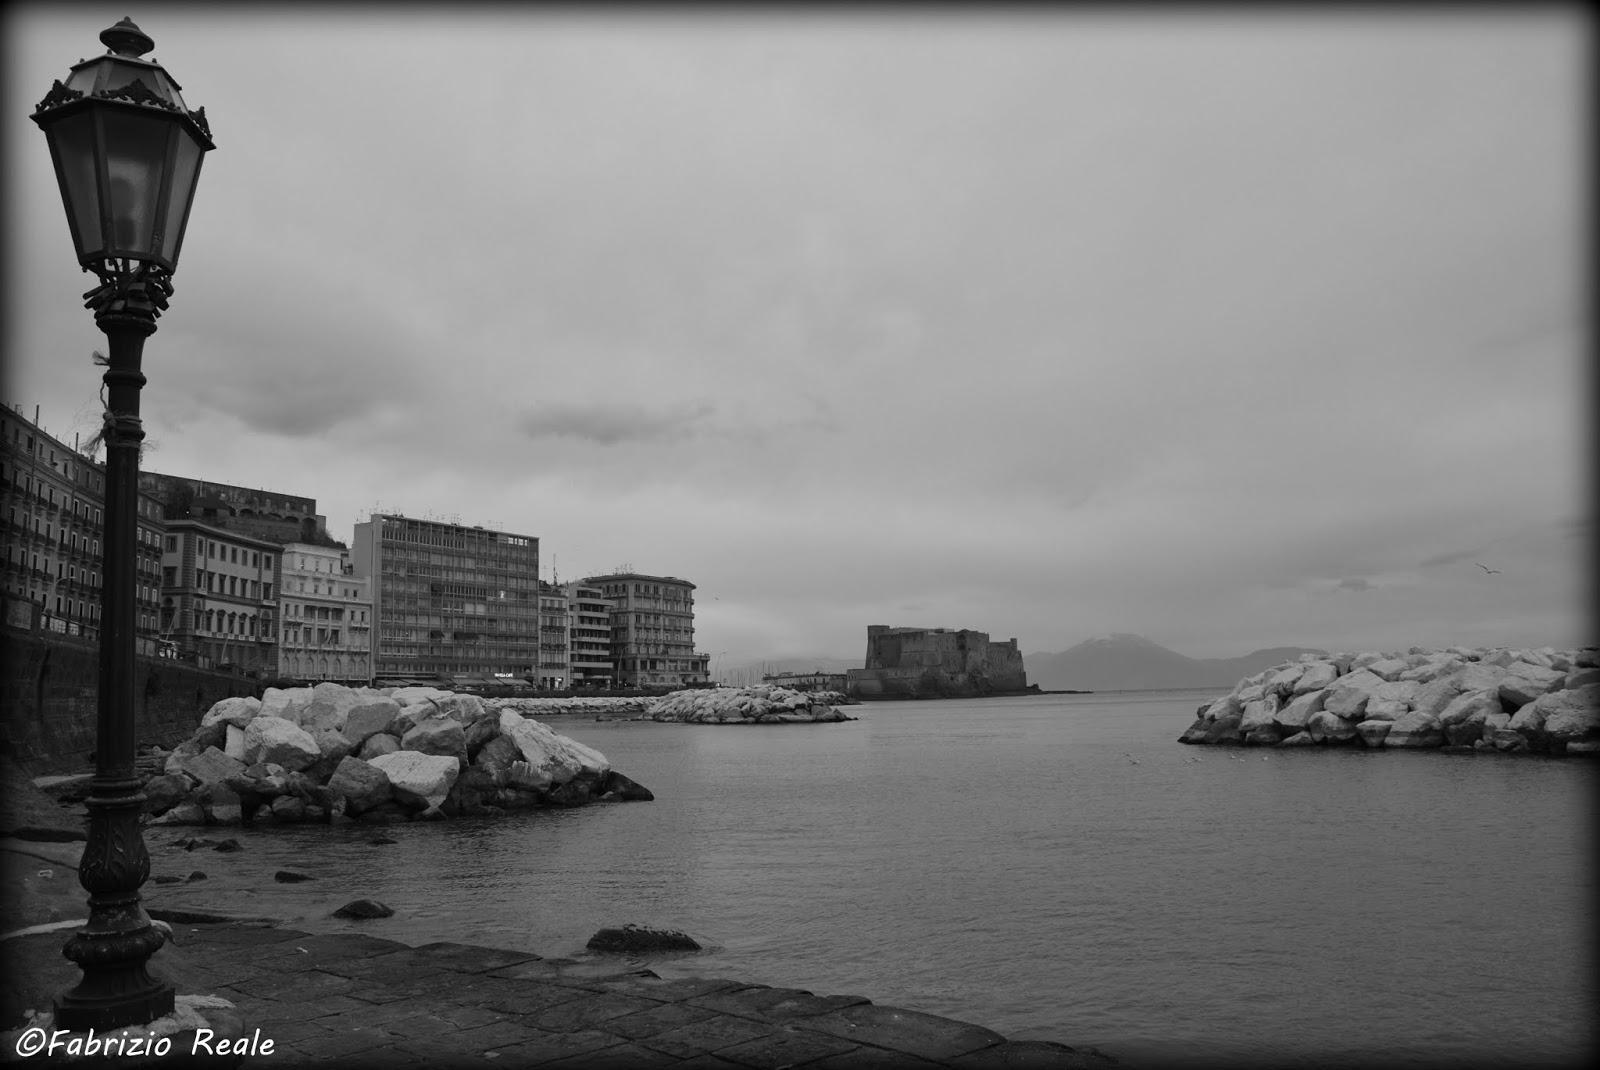 Laboratorionapoletanocom Le Meraviglie Di Napoli E Dintorni Una